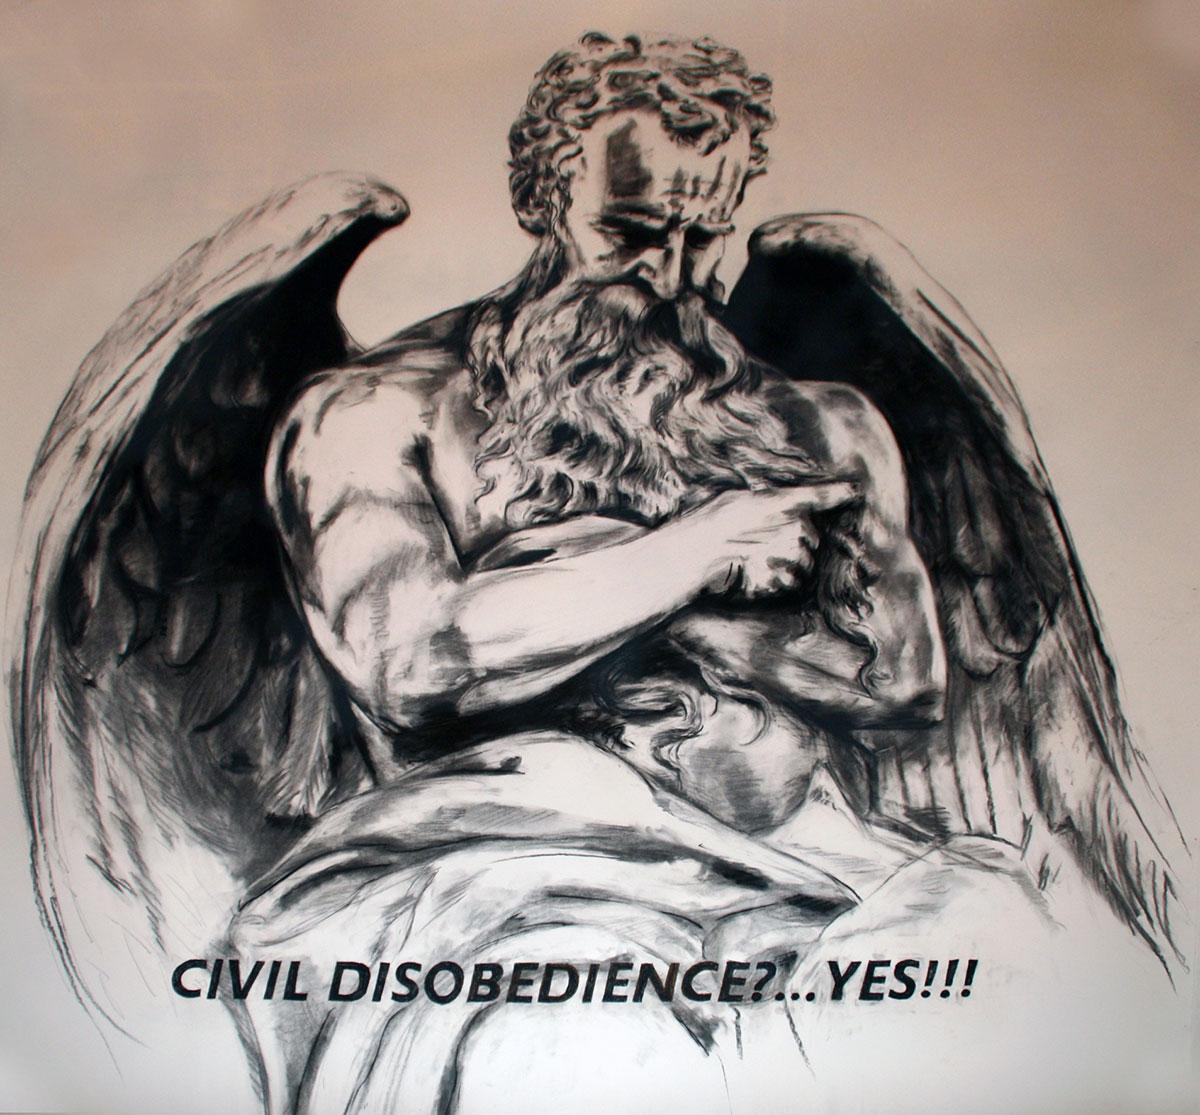 civildisobedience_1200